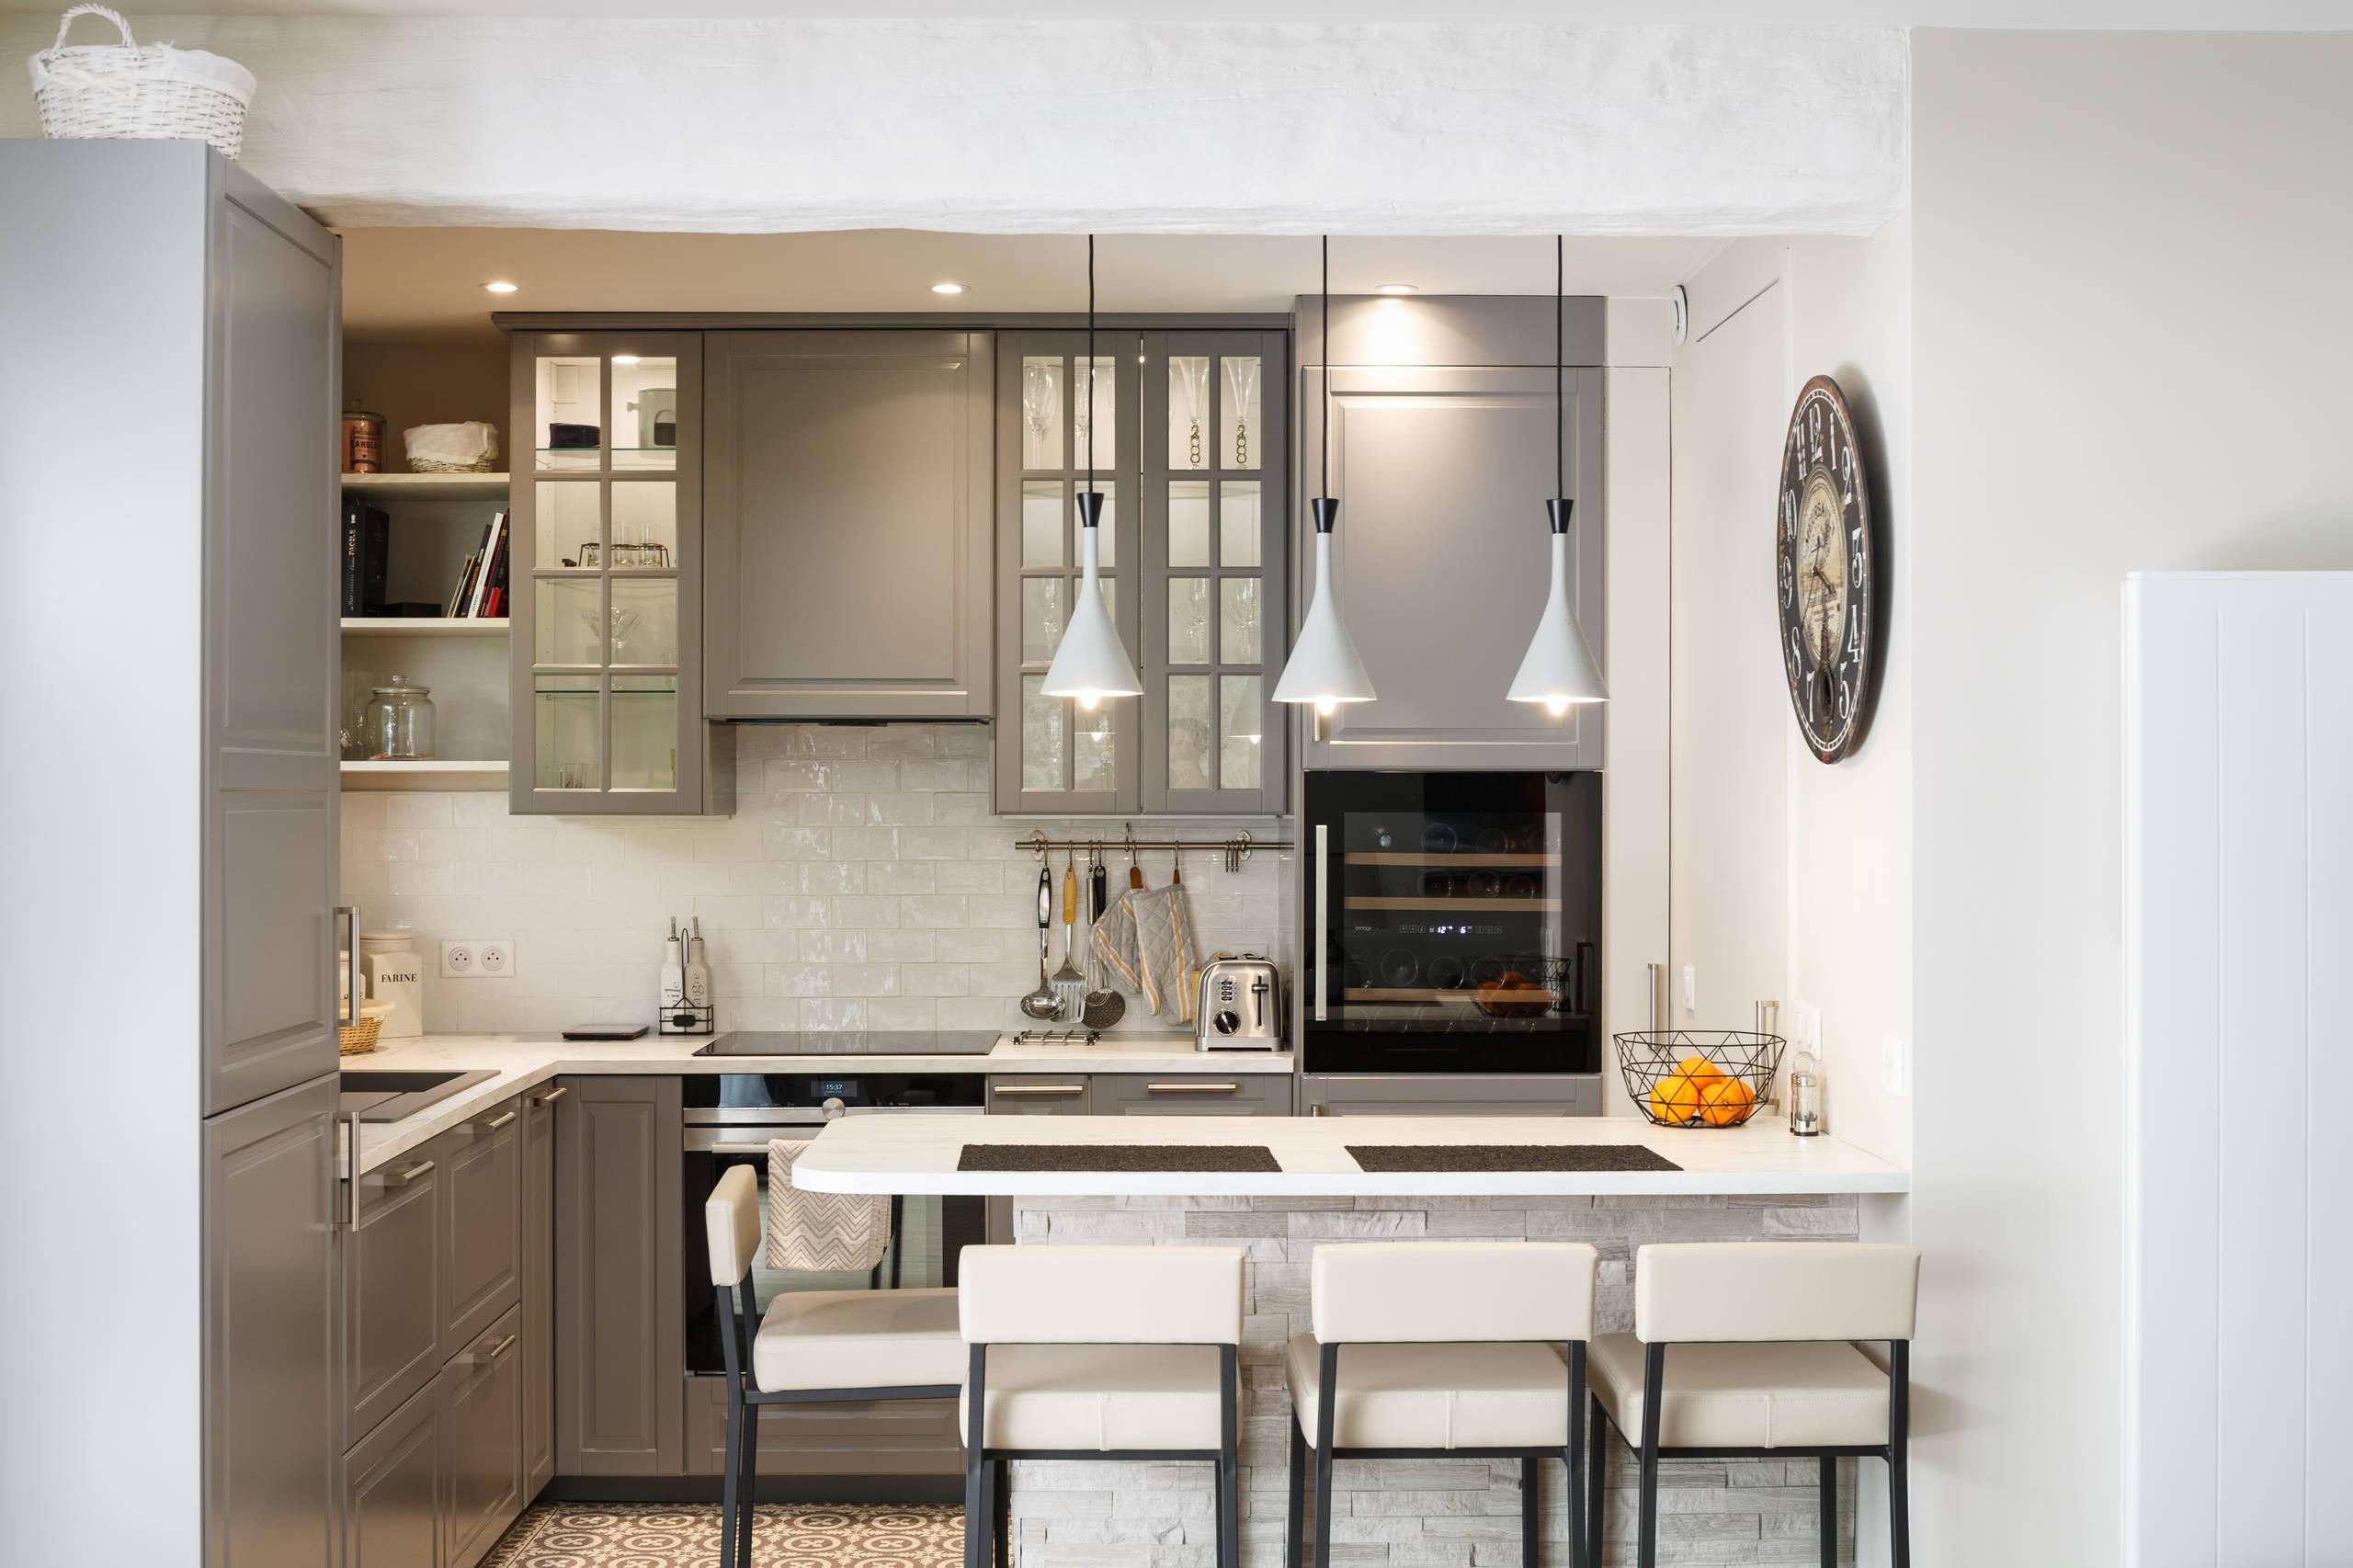 Une cuisine compacte et fonctionnelle